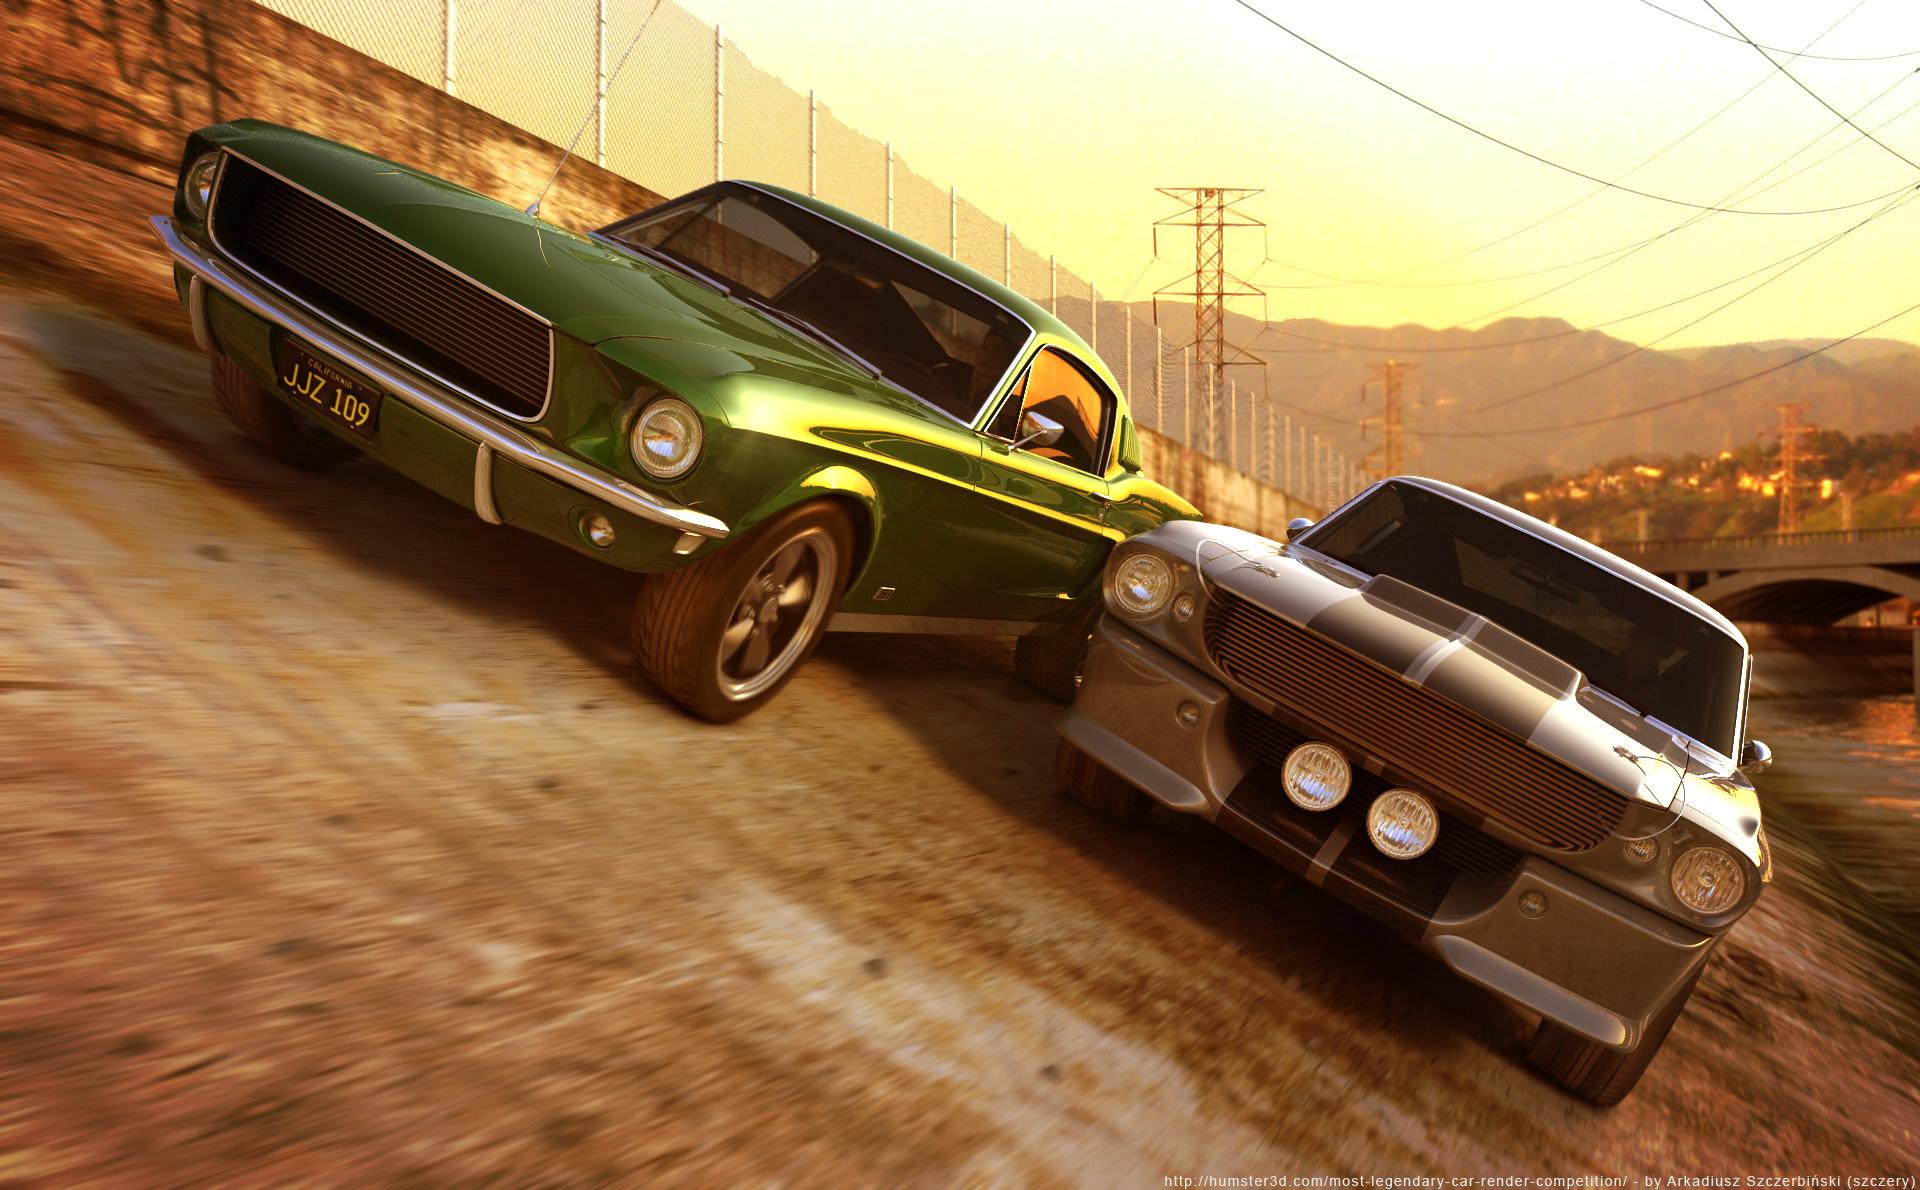 Ford Mustang GT '67 3d art